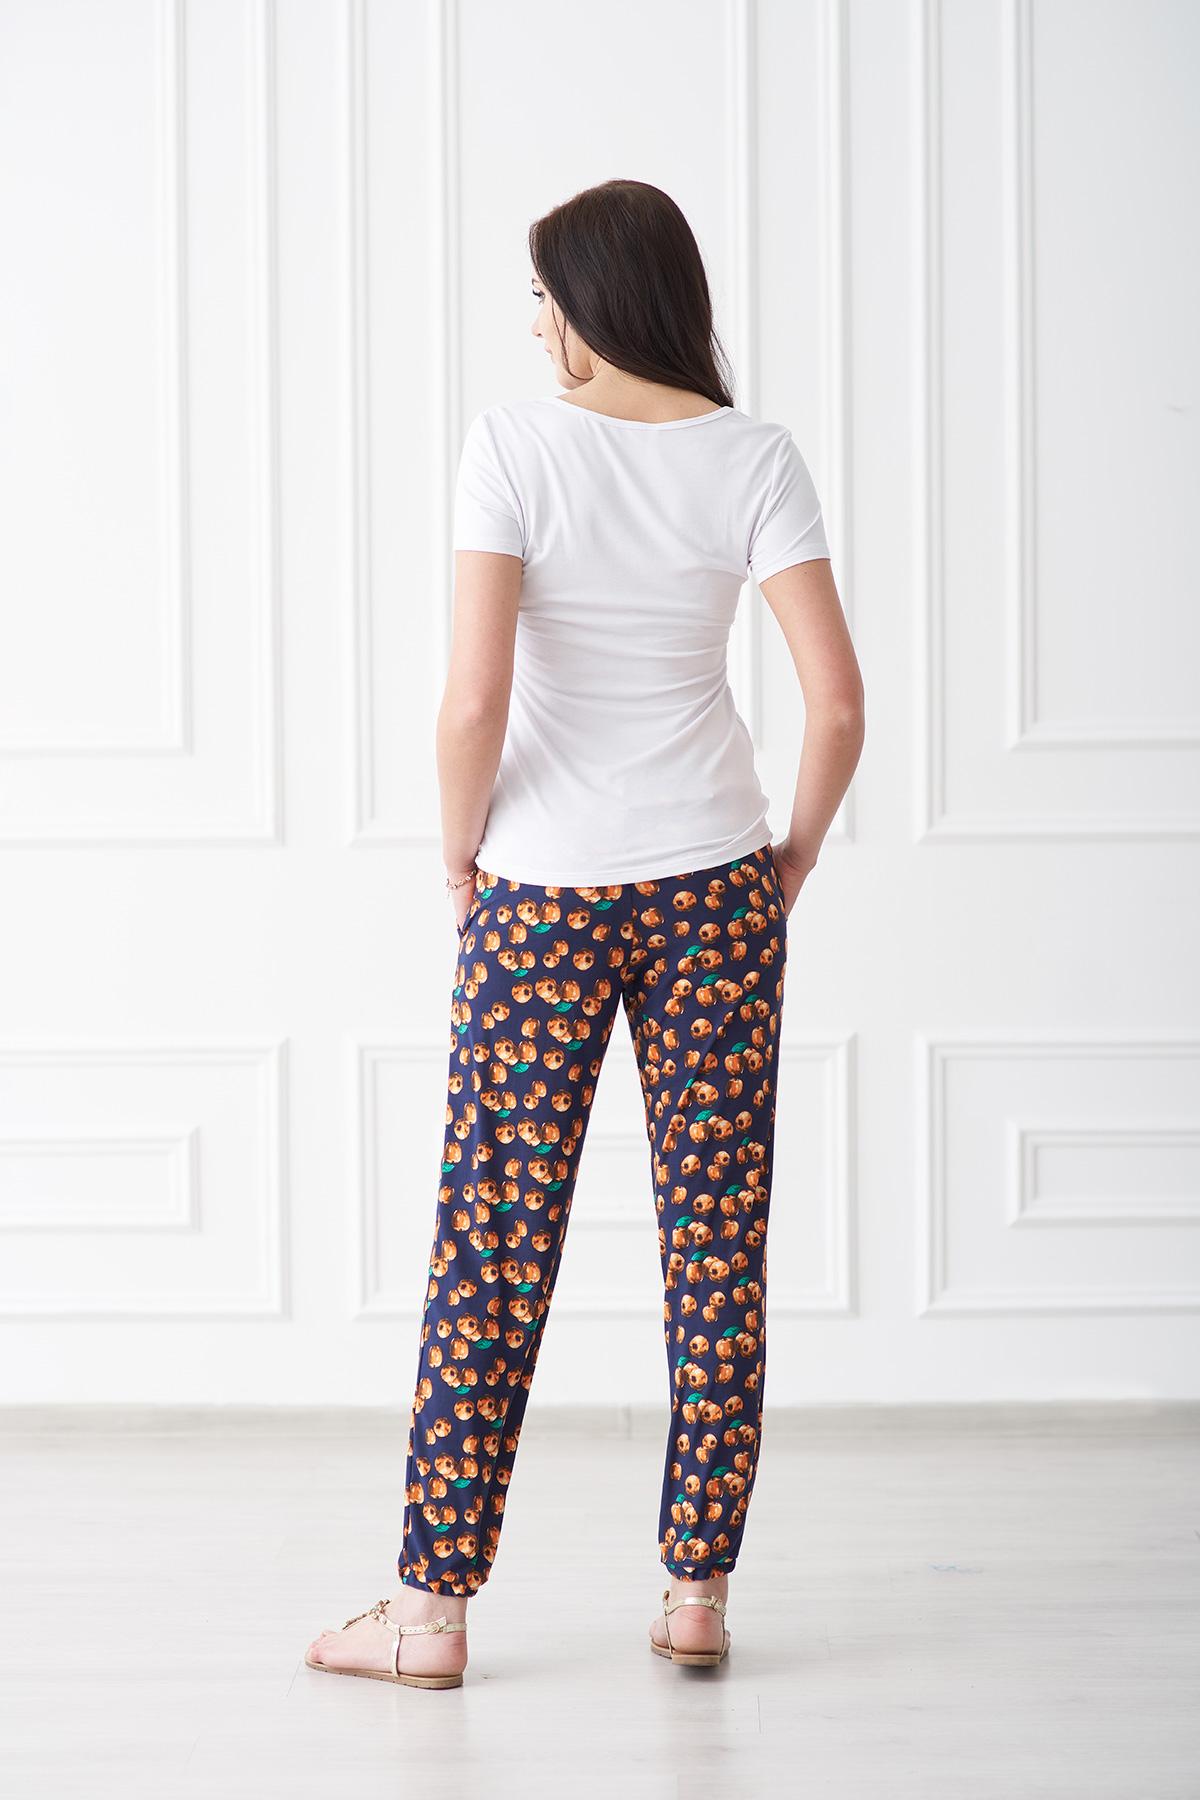 Жен. брюки арт. 19-0092 яблоки р. 52